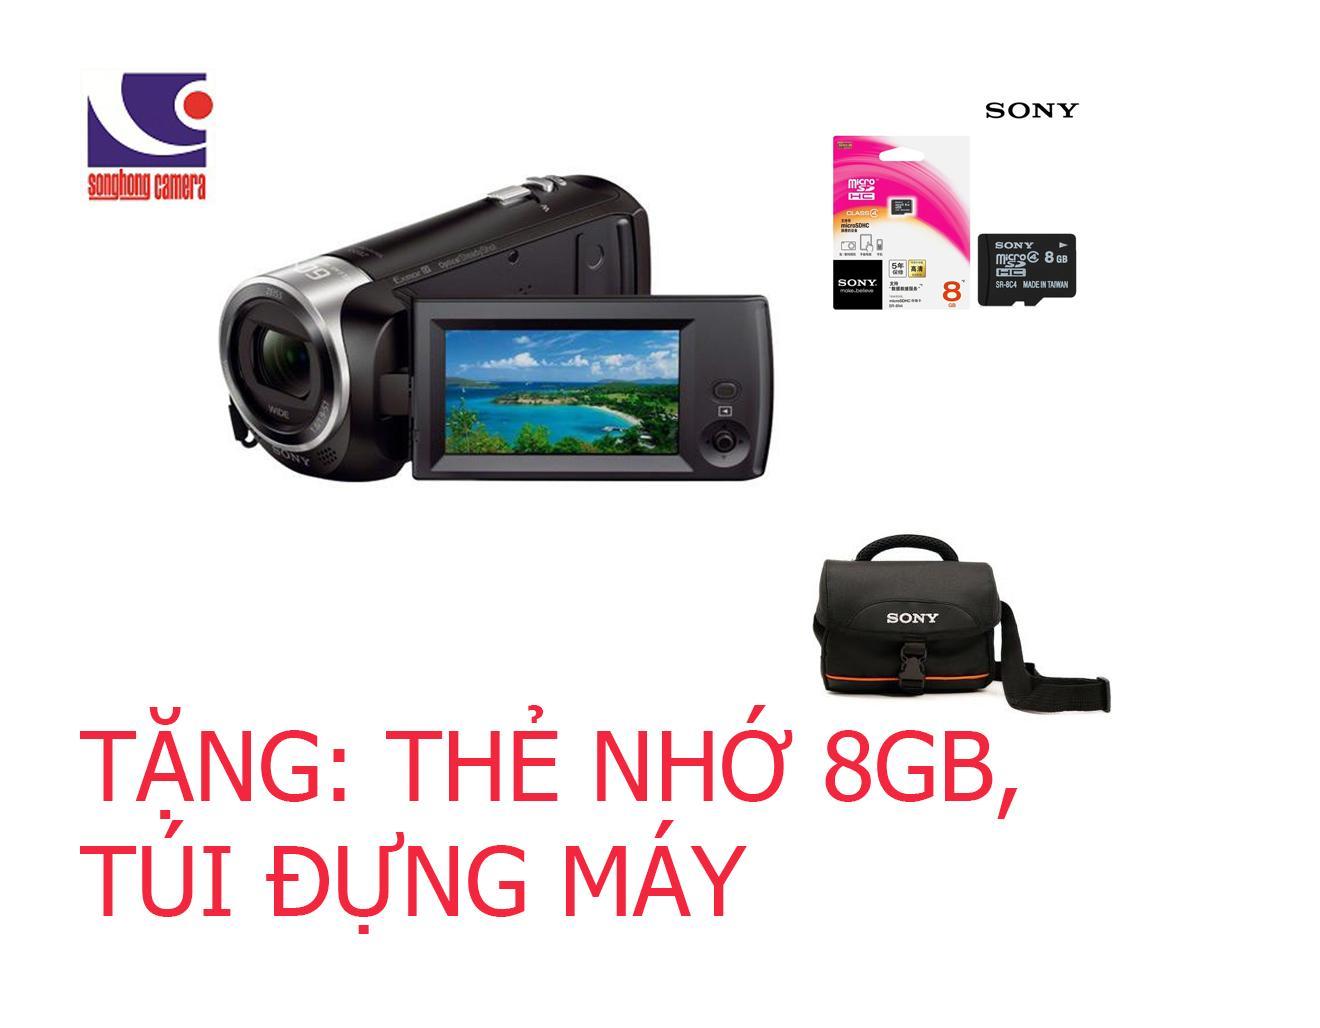 Máy Quay Sony Hdr-Cx405E Tặng Thẻ Nhớ 8Gb, Túi Đựng Máy Hàng Chính Hãng